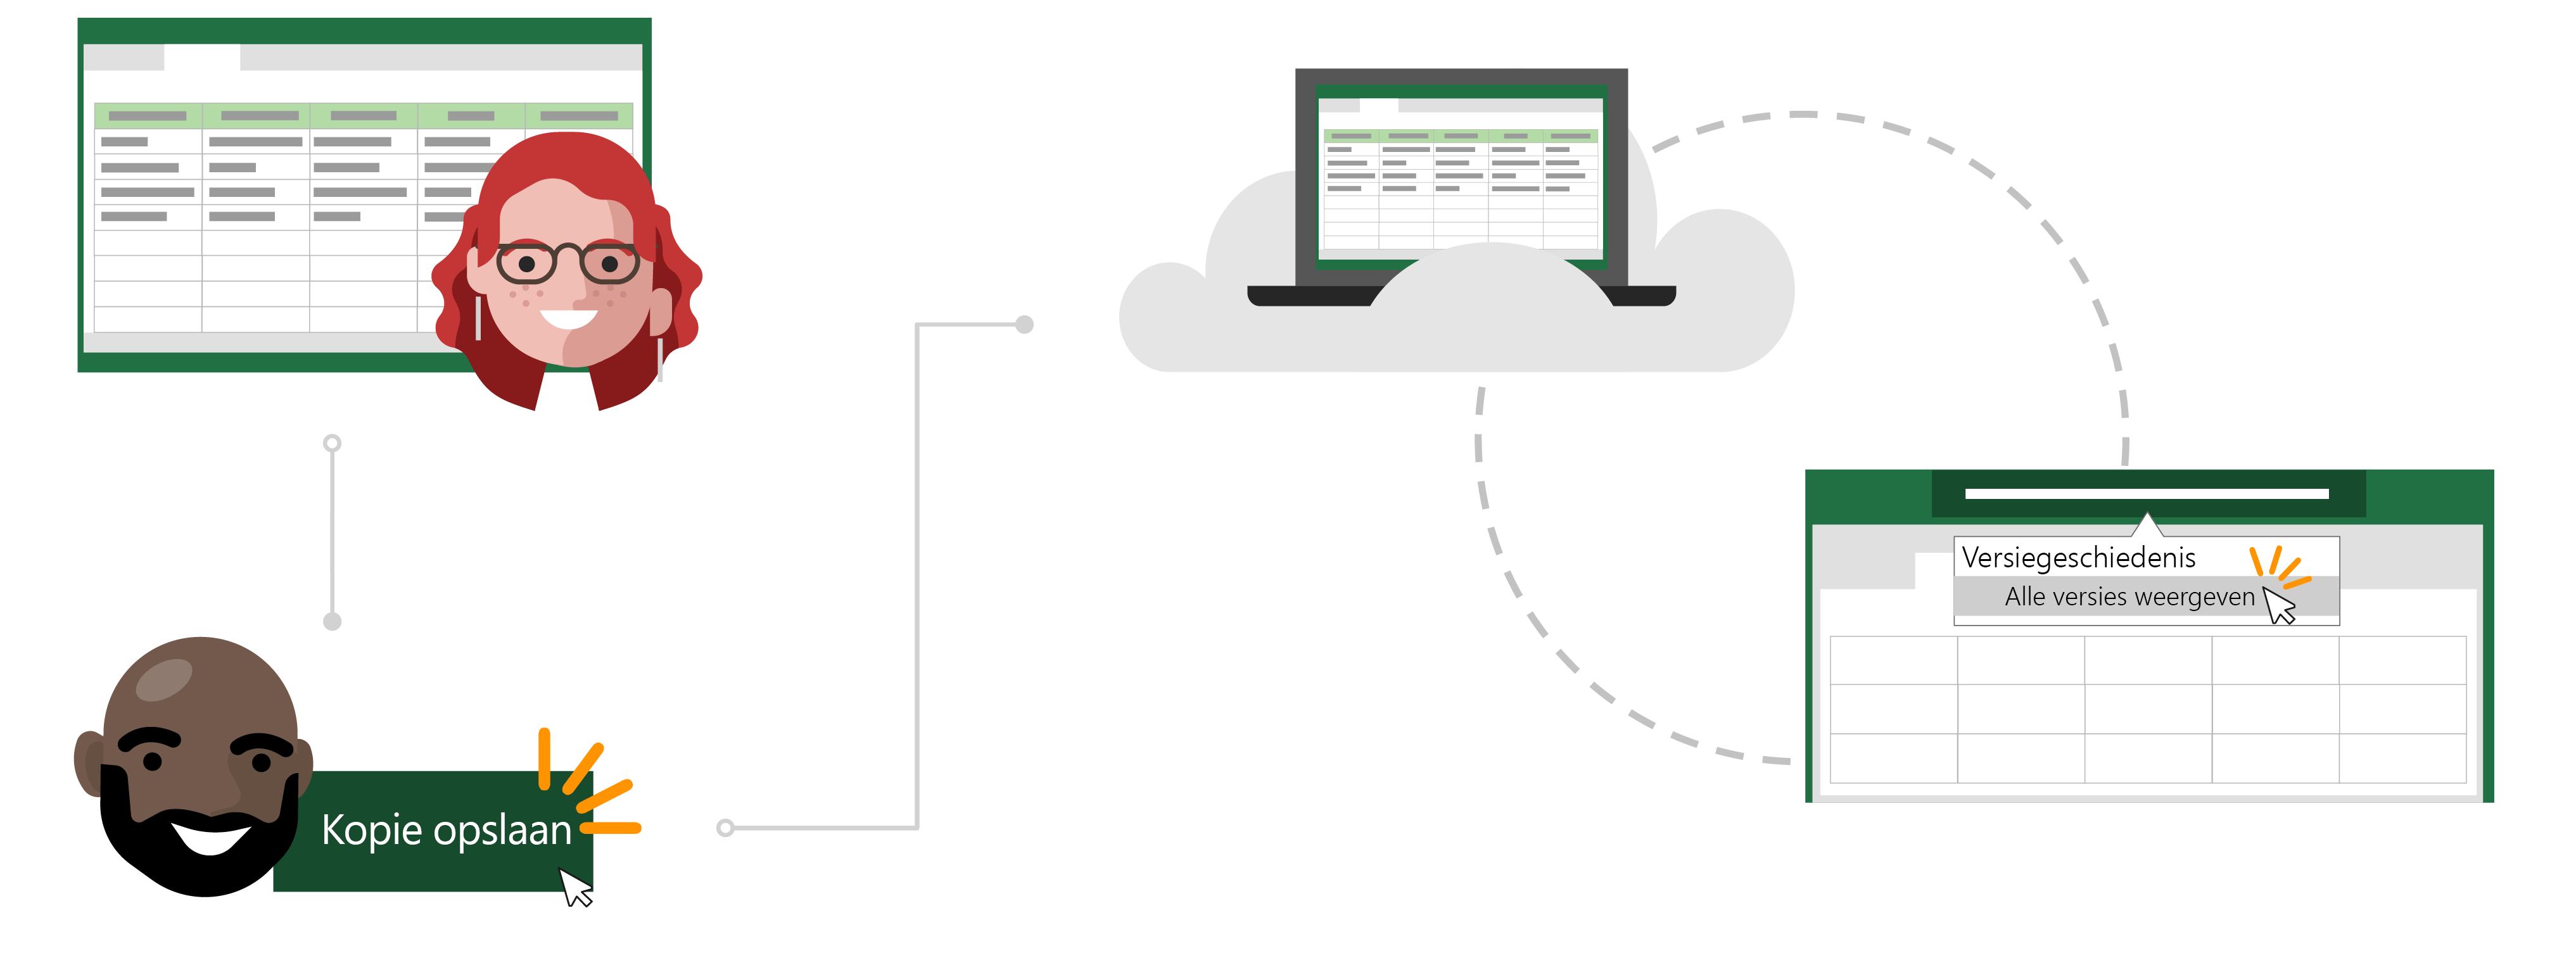 Gebruik een bestaand bestand in de Cloud als een sjabloon voor een nieuw bestand met behulp van een kopie opslaan.